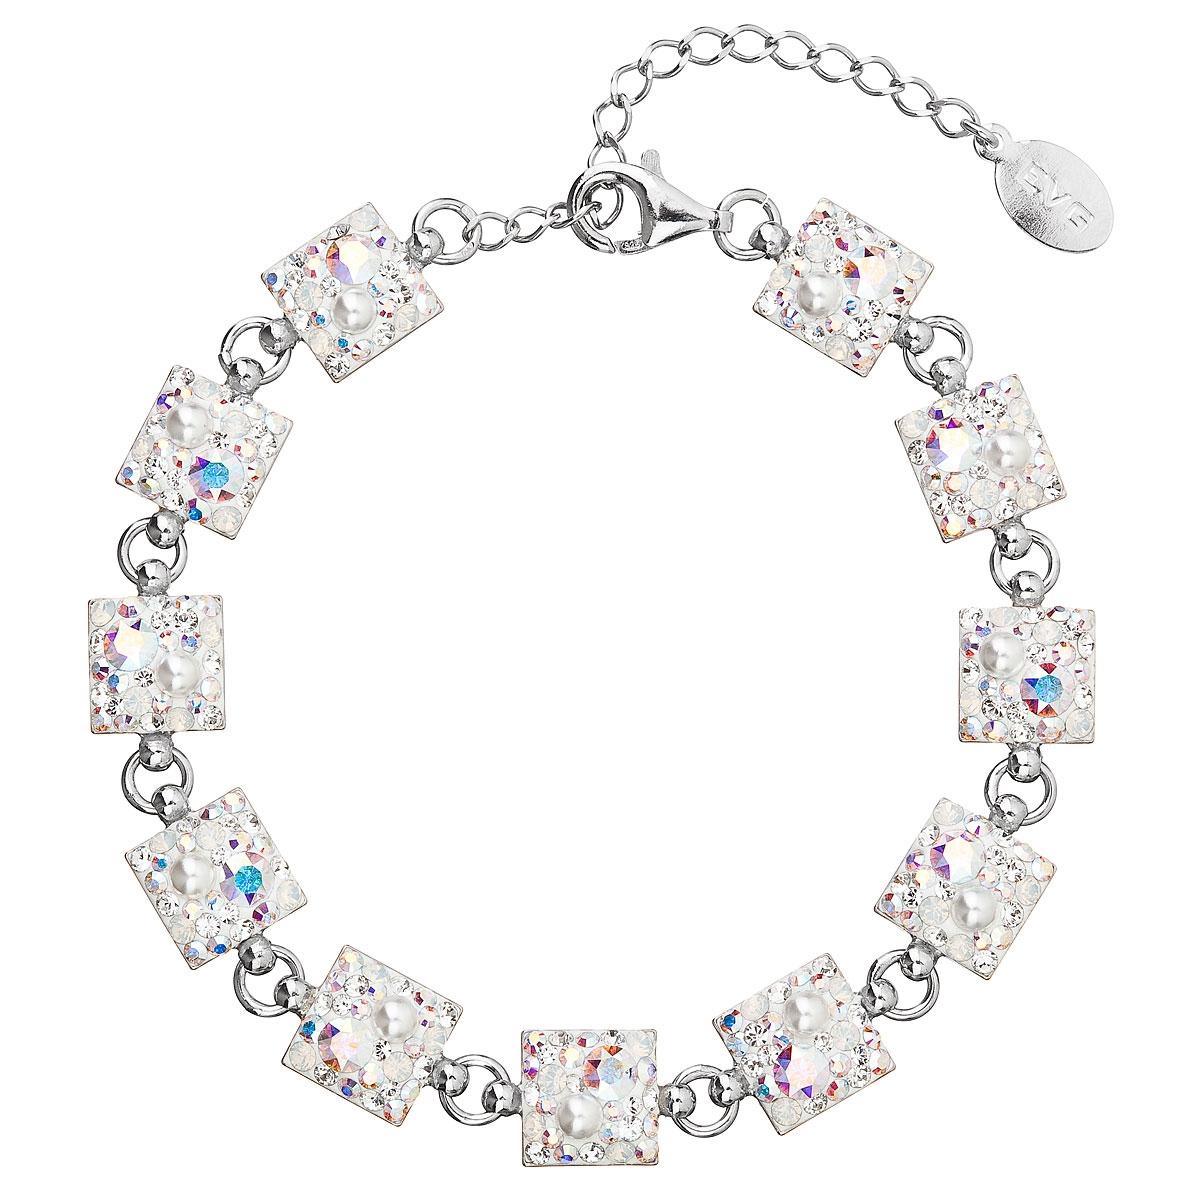 Strieborný náramok s kryštálmi Crystals from Swarovski ® AB